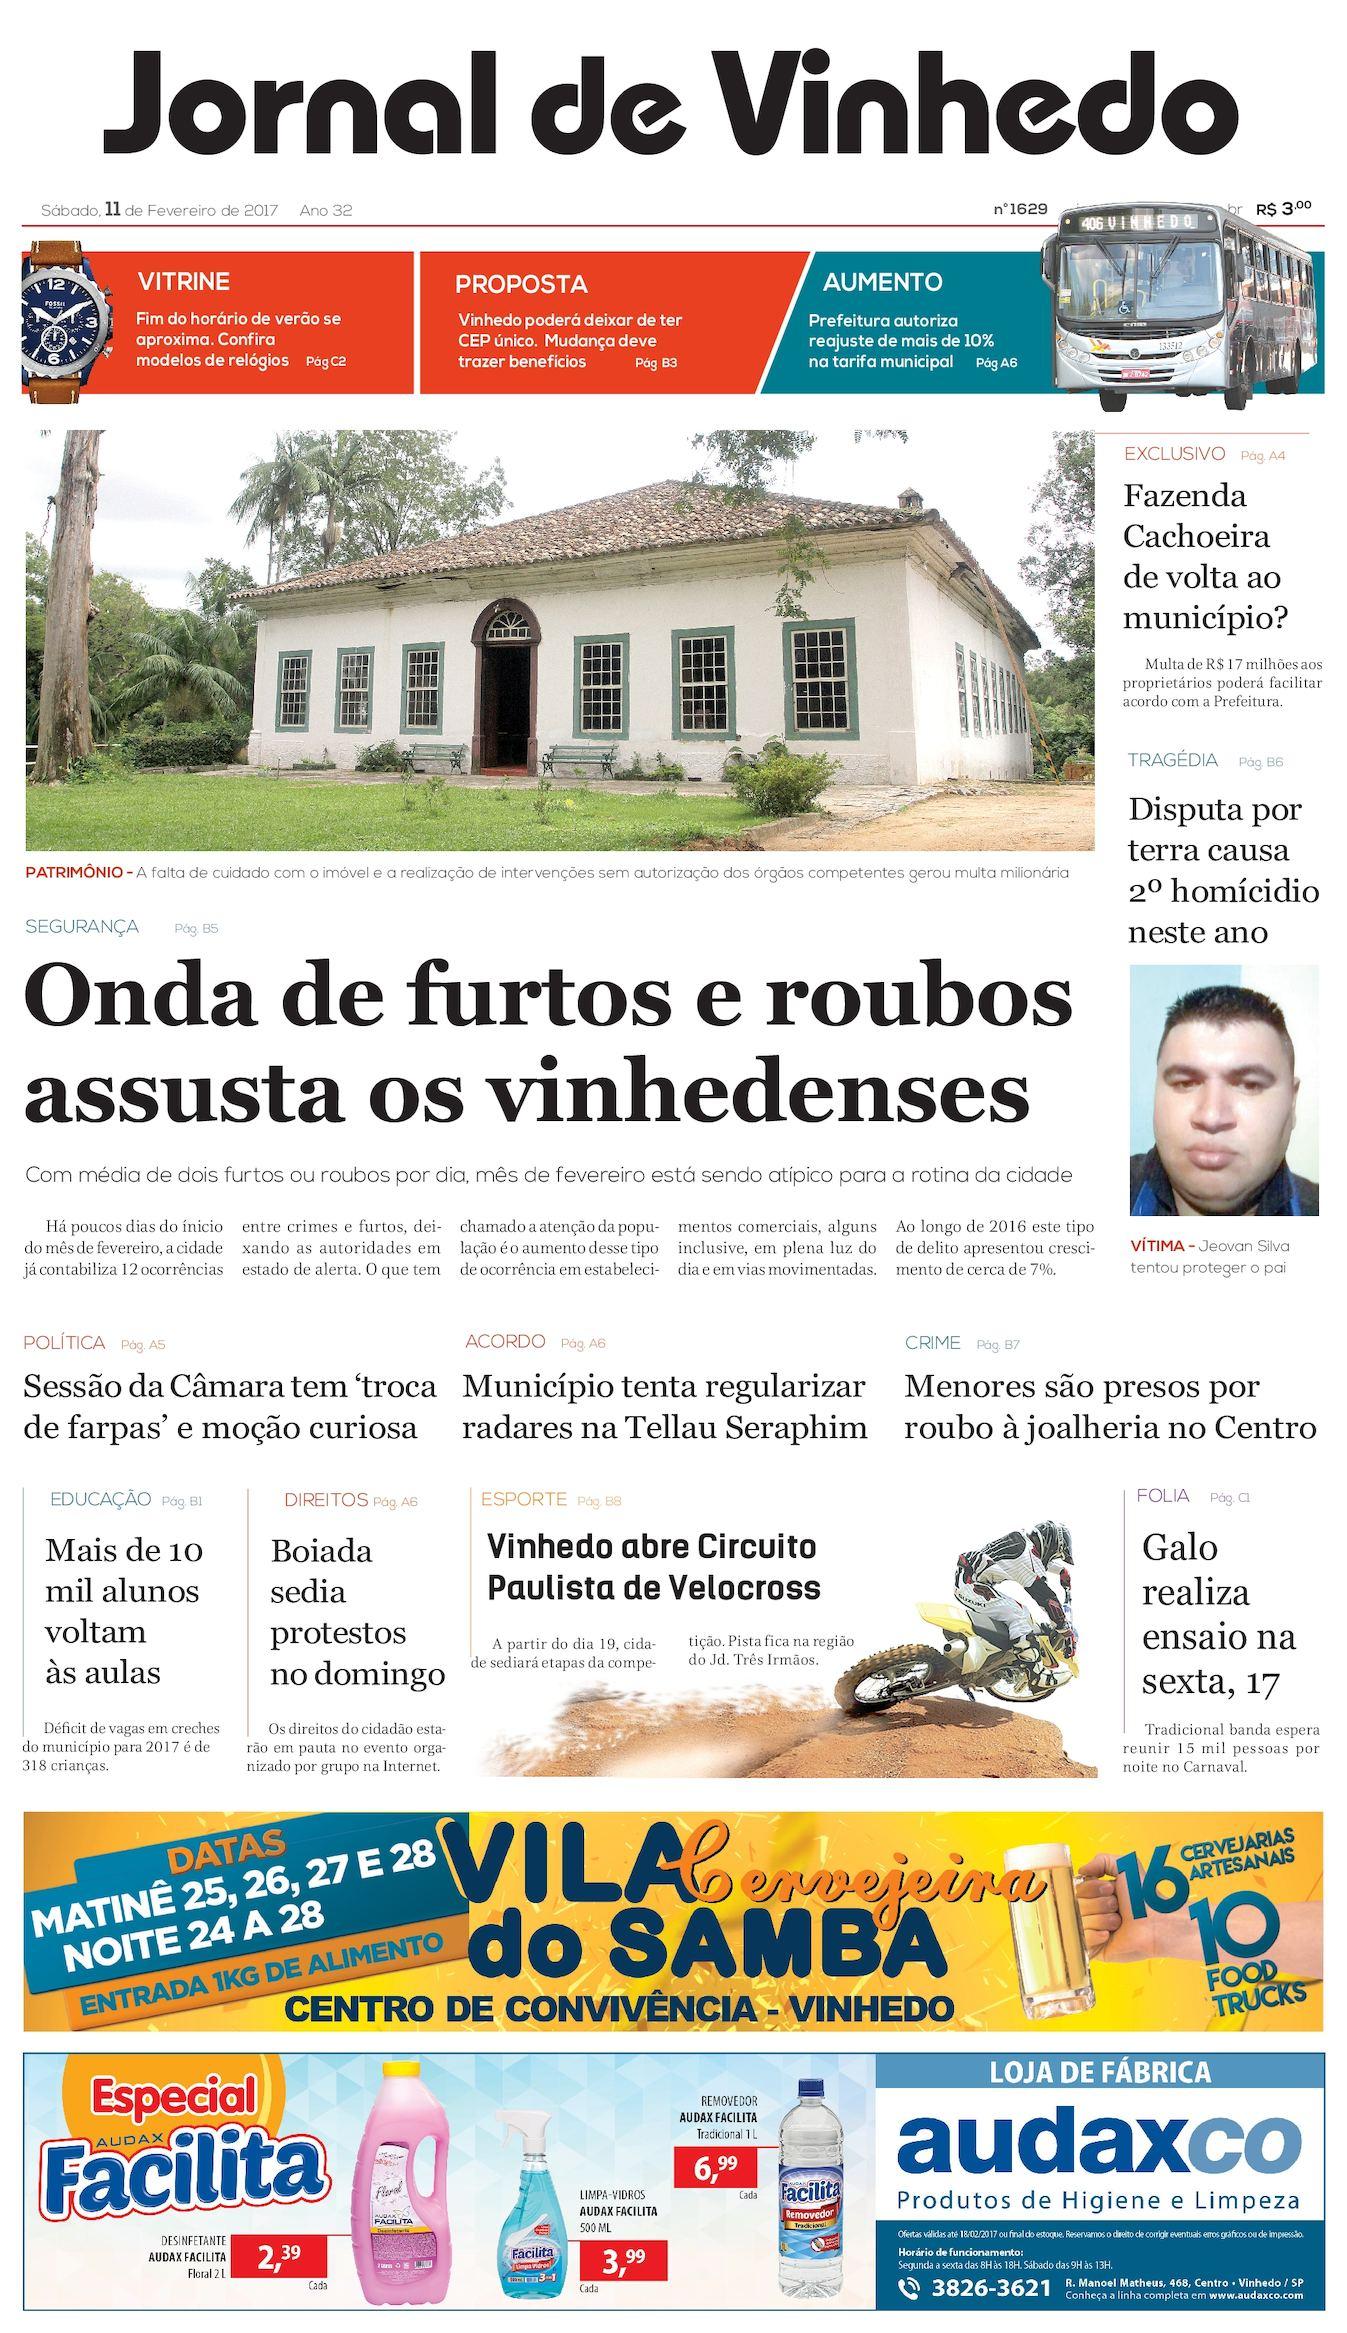 51738af4d Calaméo - Jornal De Vinhedo Sabado 11 De Fevereiro De 2017 Edic 1629